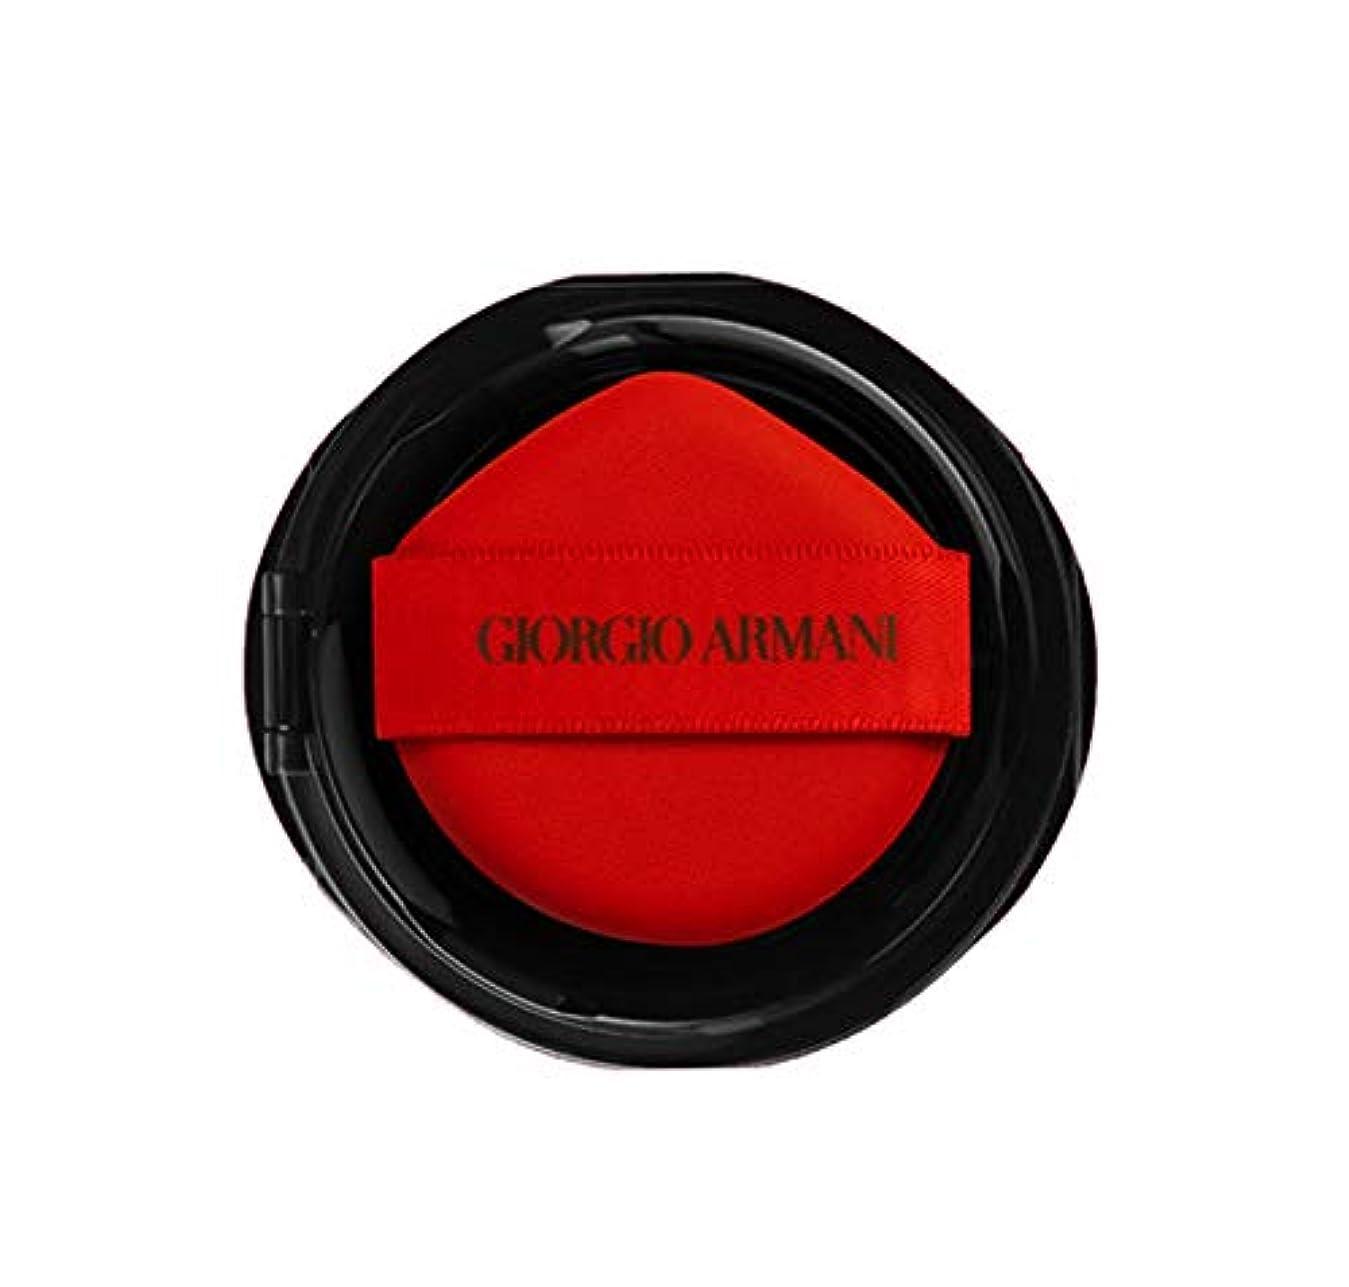 思慮深い尊敬精査【ジョルジオ アルマーニ ビューティ(Giorgio Armani Beauty)】 マイ アルマーニ トゥ ゴー クッション(レフィル) SPF23 PA+++ 15g # 2